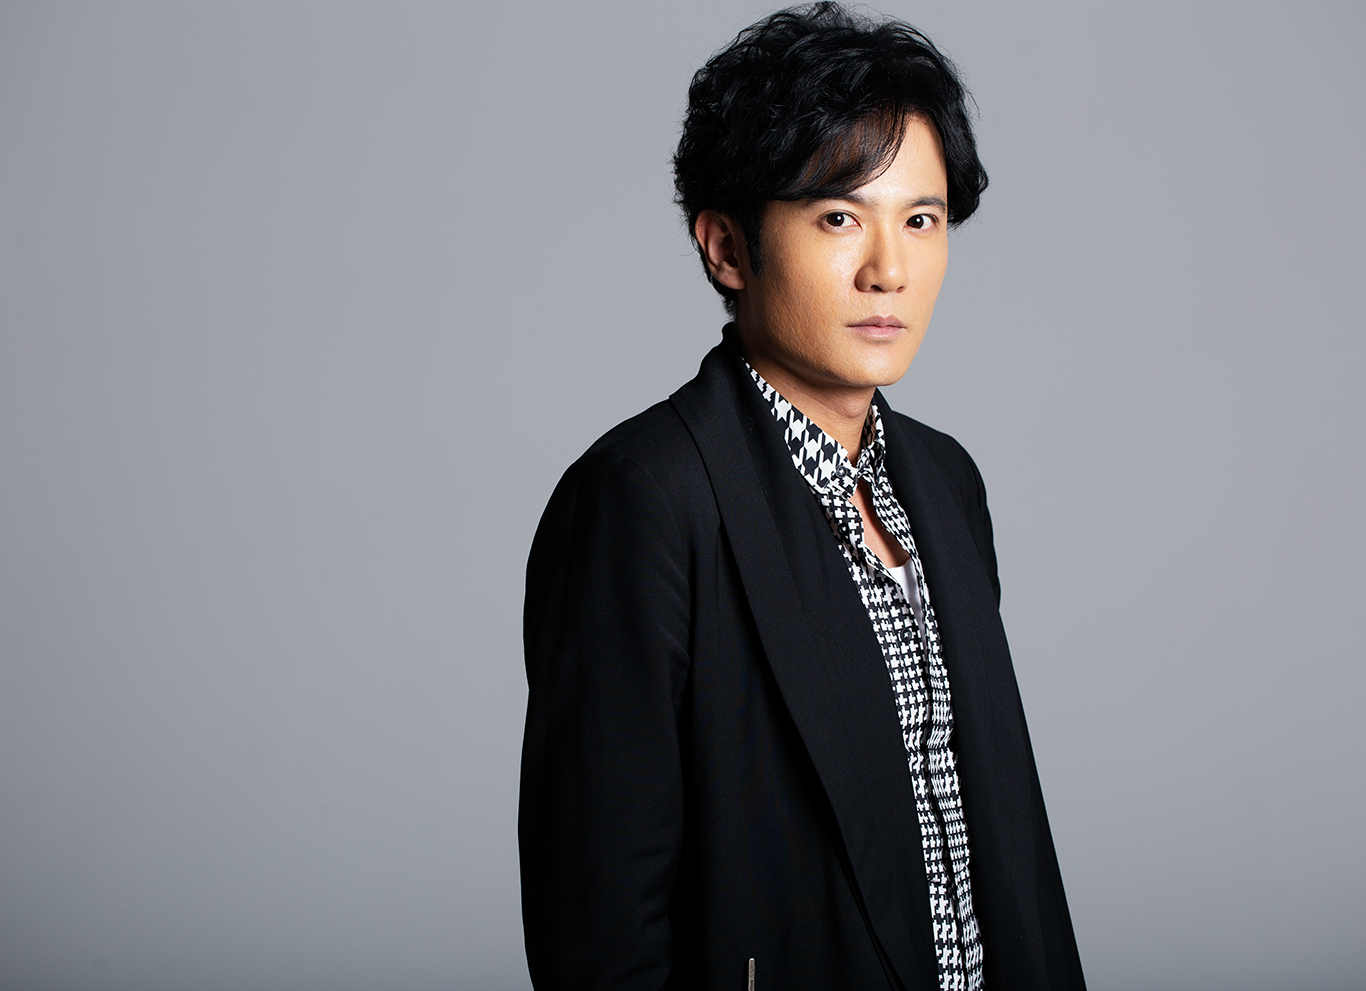 [画像] SNSに触れて、知らない自分にも出会えた——リスタートを切った稲垣吾郎の新たな発見